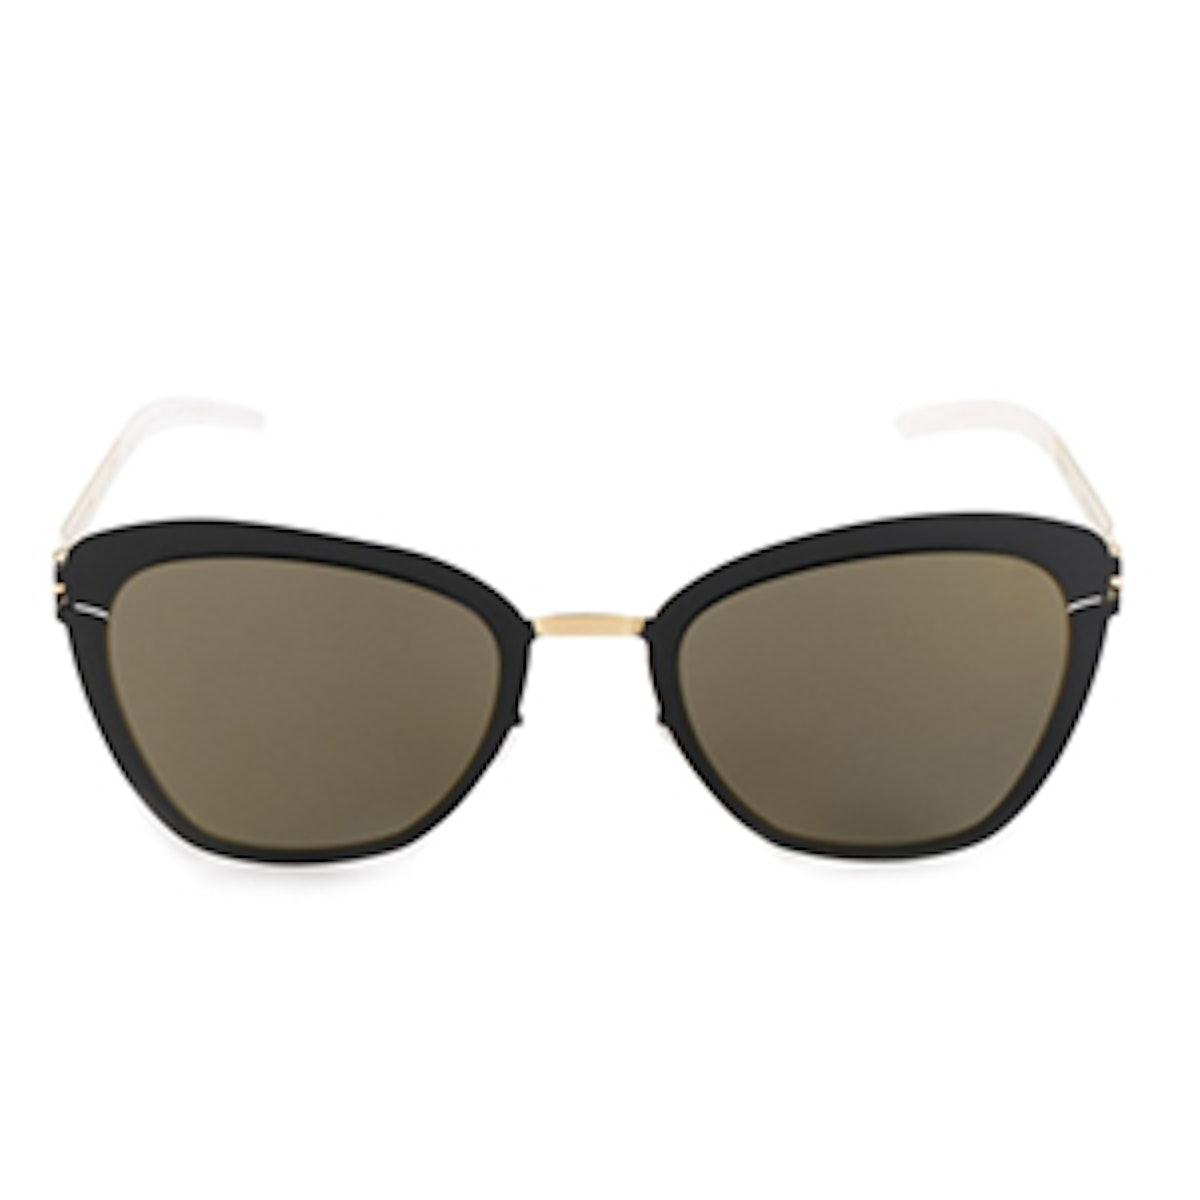 Joseppa Sunglasses